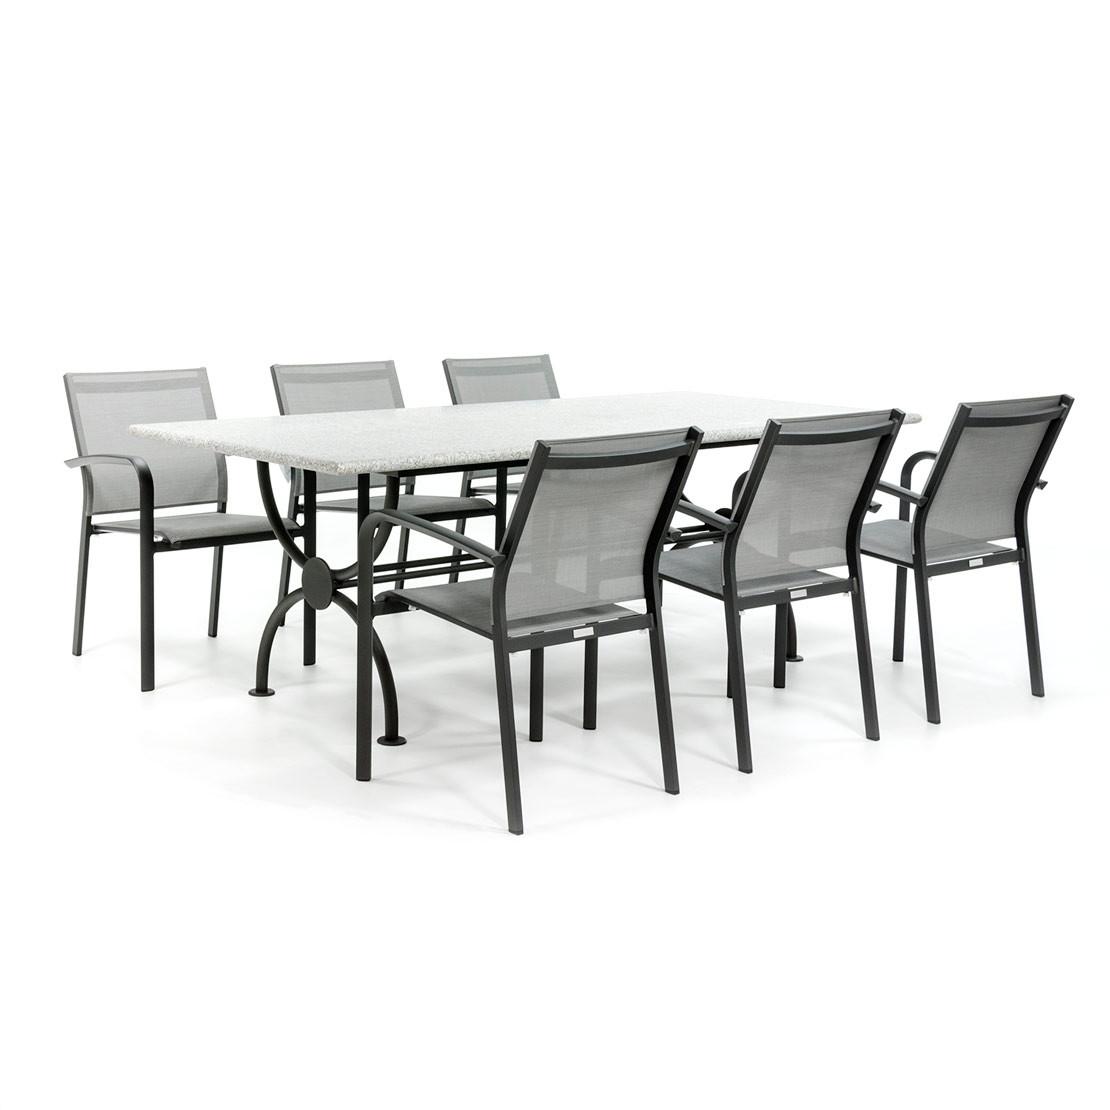 Tuinset met stenen blad en aluminium stoelen